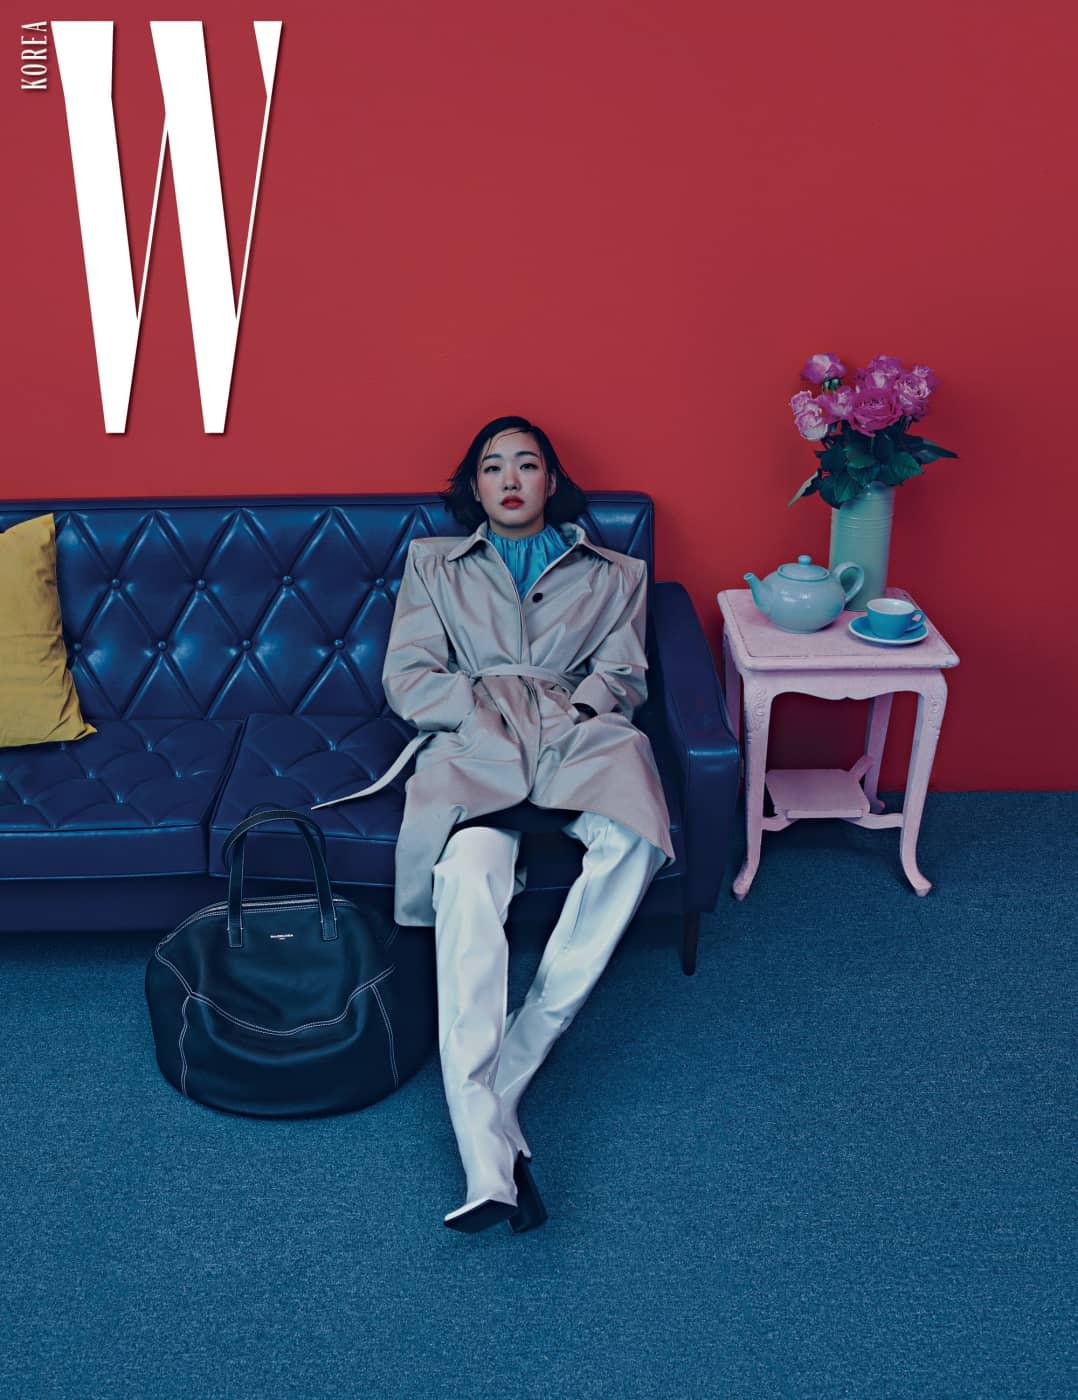 어깨를 강조한 실루엣이 돋보이는 트렌치코트, 푸른색 톱과 슬립 스커트, 흰색 가죽 부츠, 그리고 에어 호보백 (Air Hobo Bag)은 모두 Balenciaga 제품.